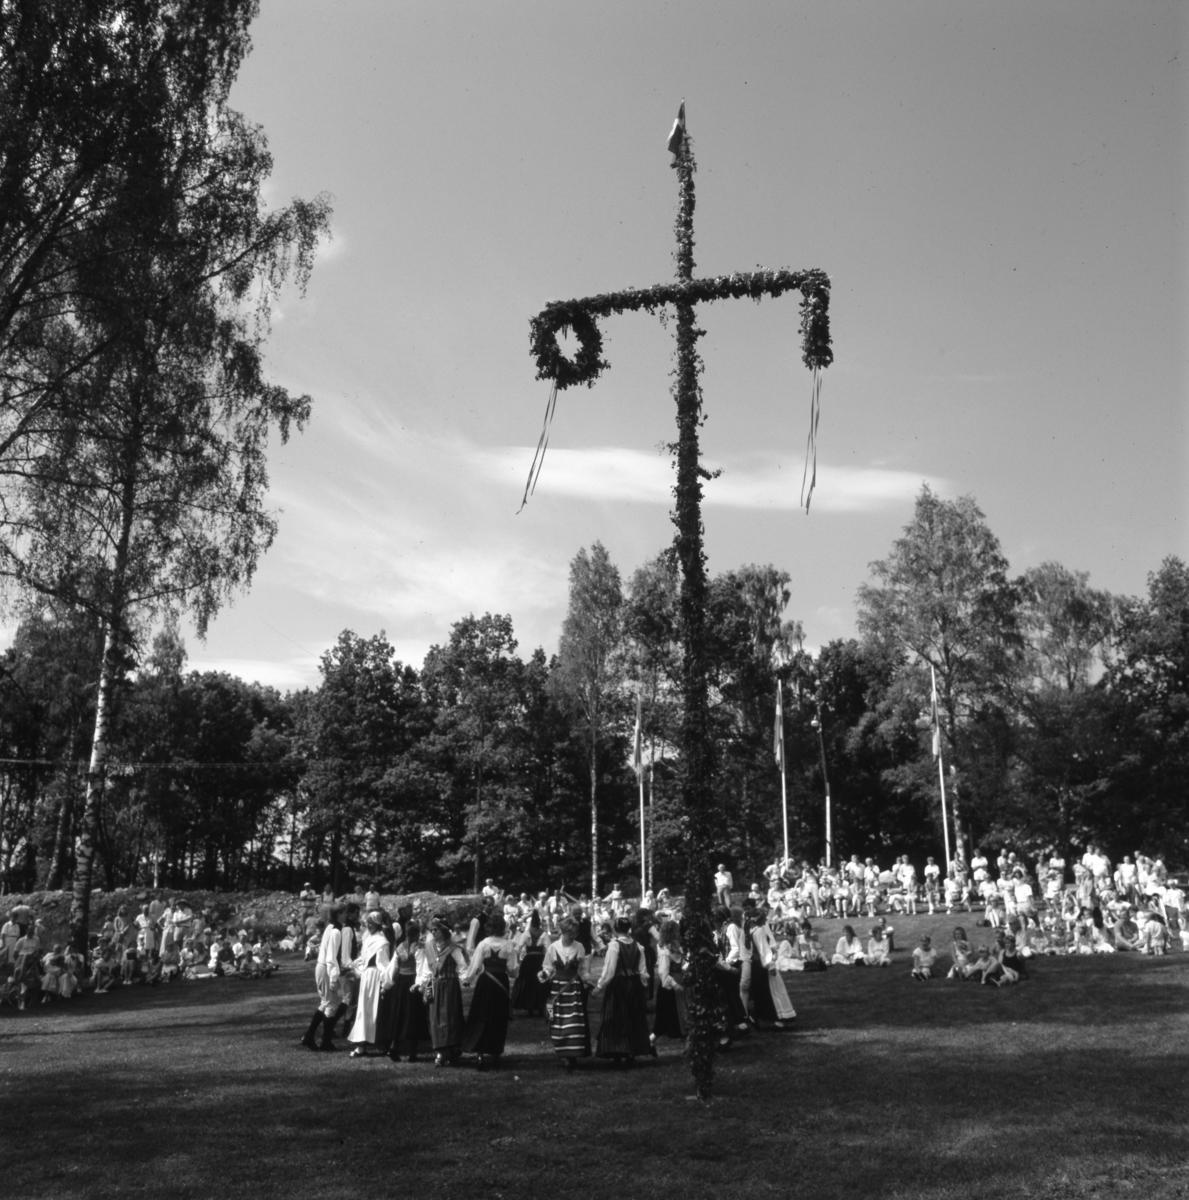 Midsommarfirande i Arboga Folkets park. Folkdanslaget uppträder för publiken. Midsommarstången är rest och flaggorna hissade.